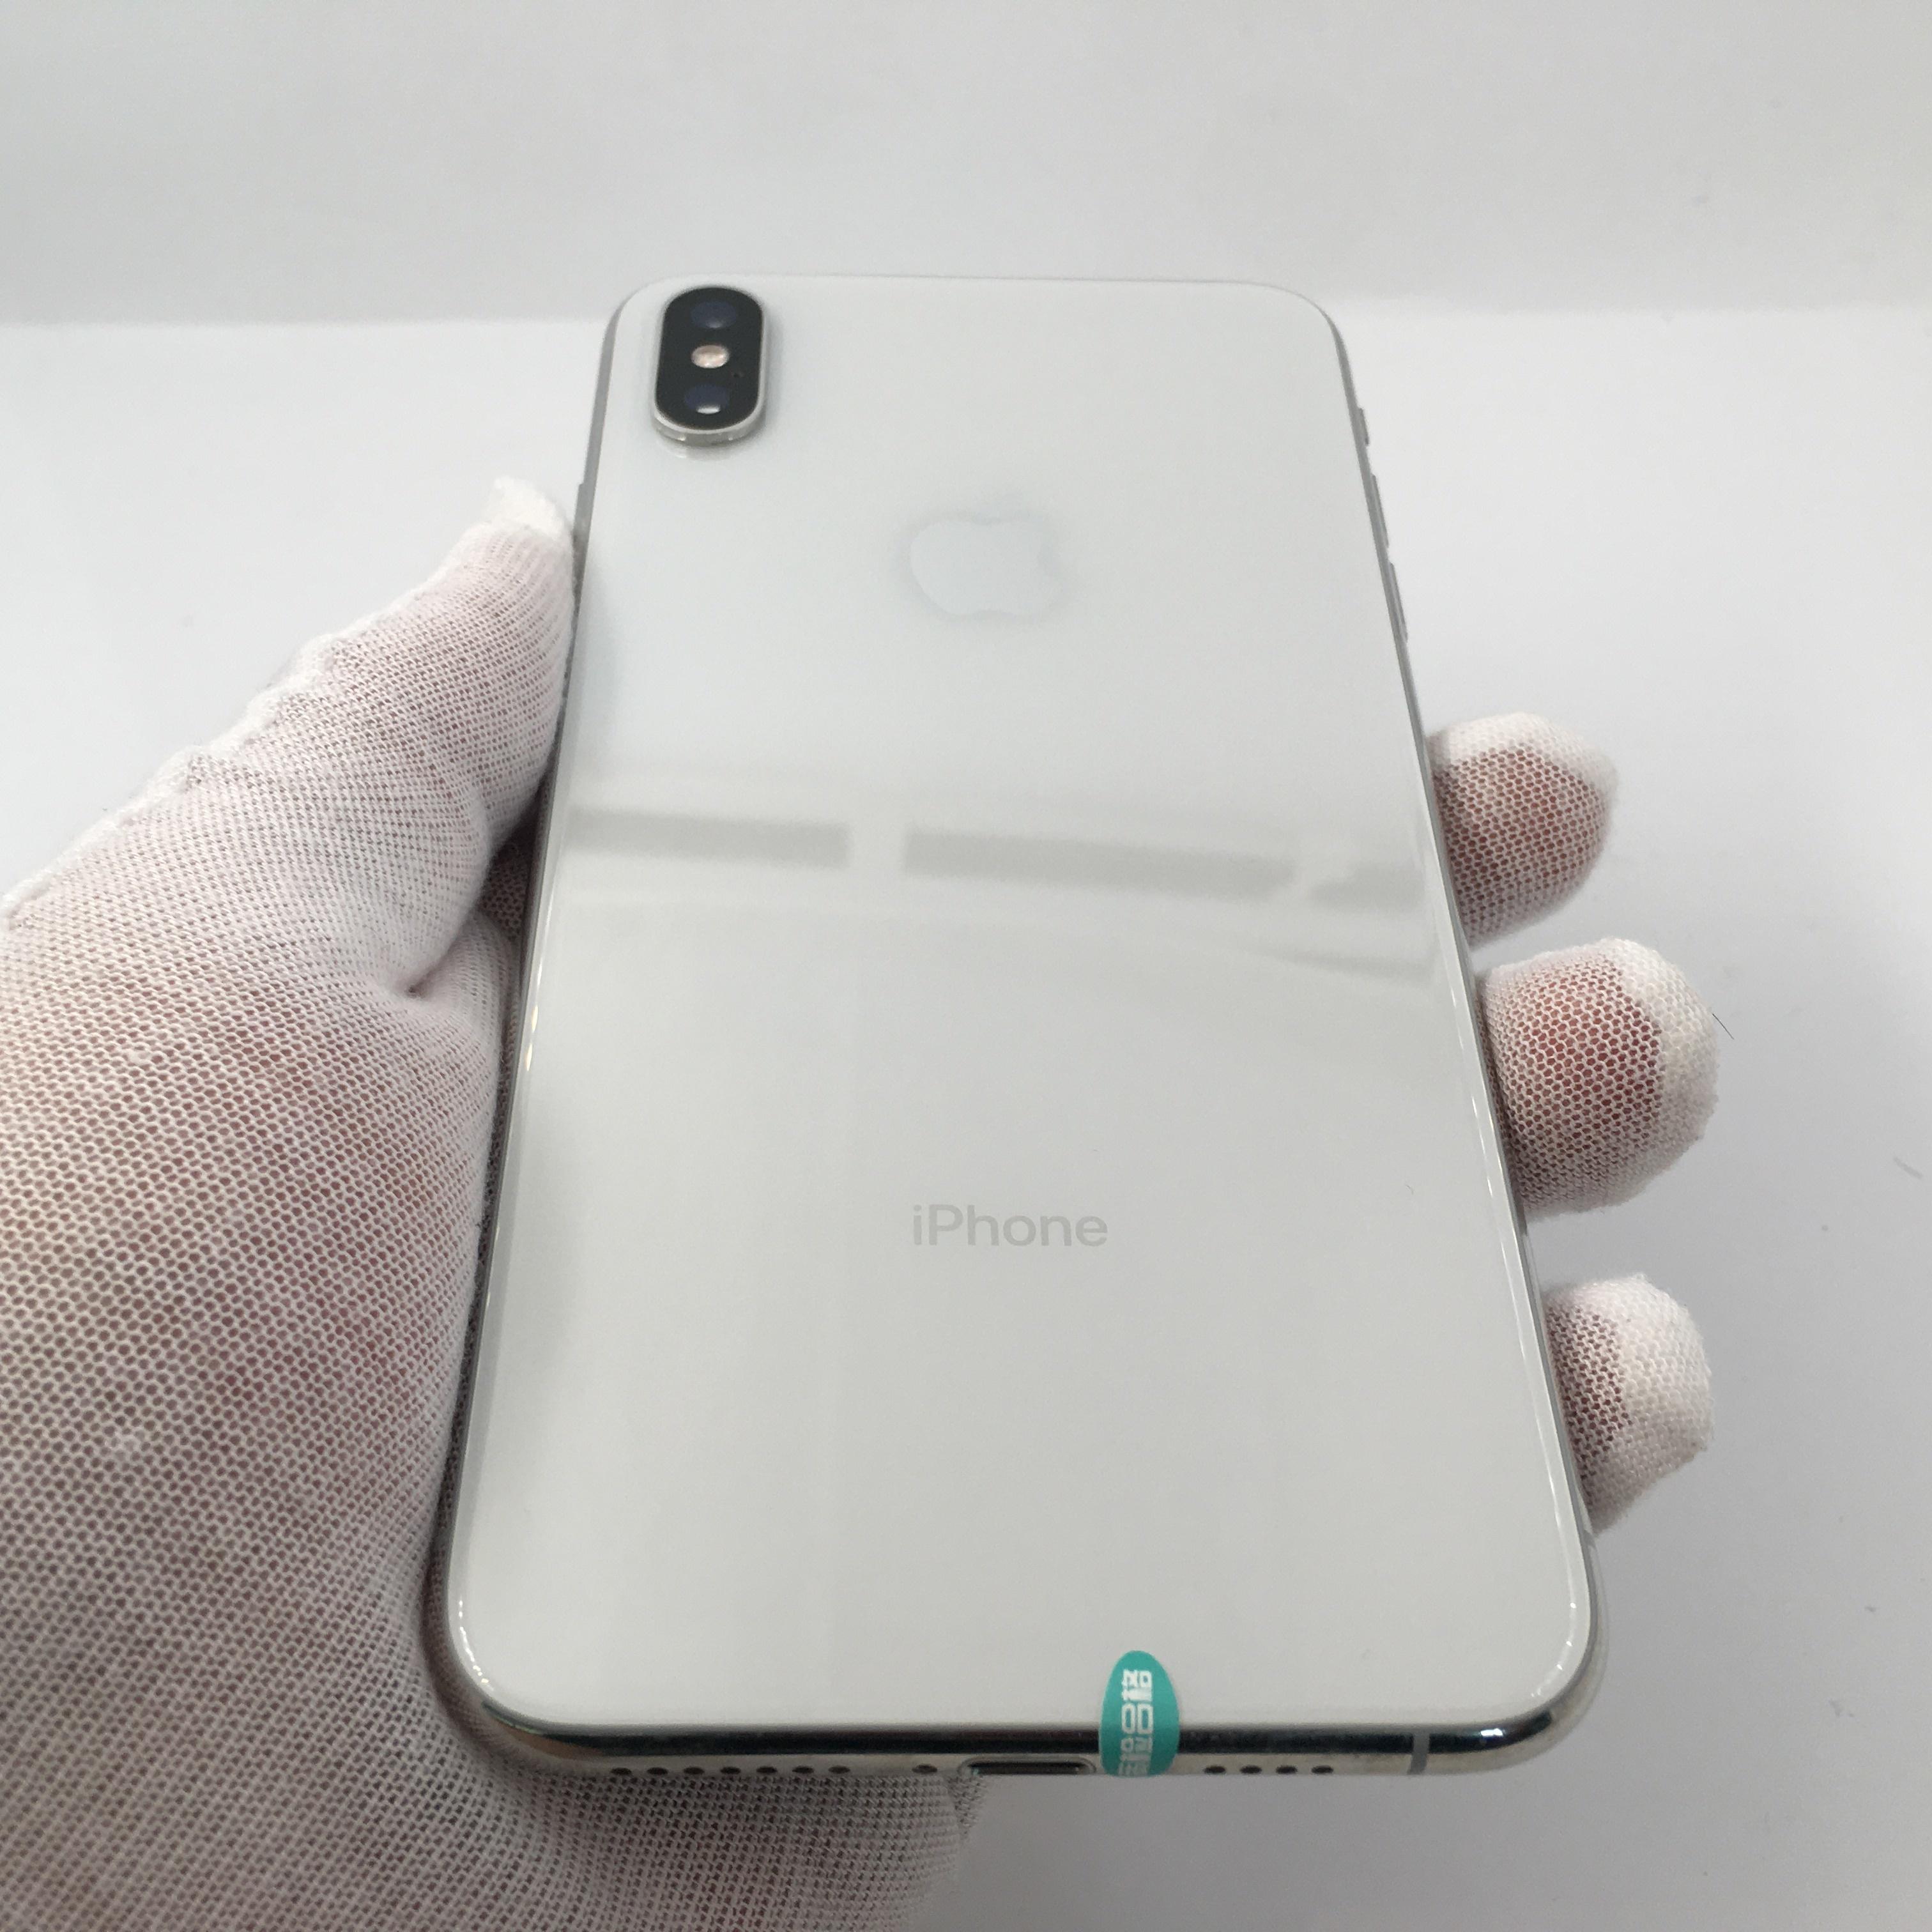 苹果【iPhone Xs Max】移动 4G/3G/2G 银色 64G 国行 95新